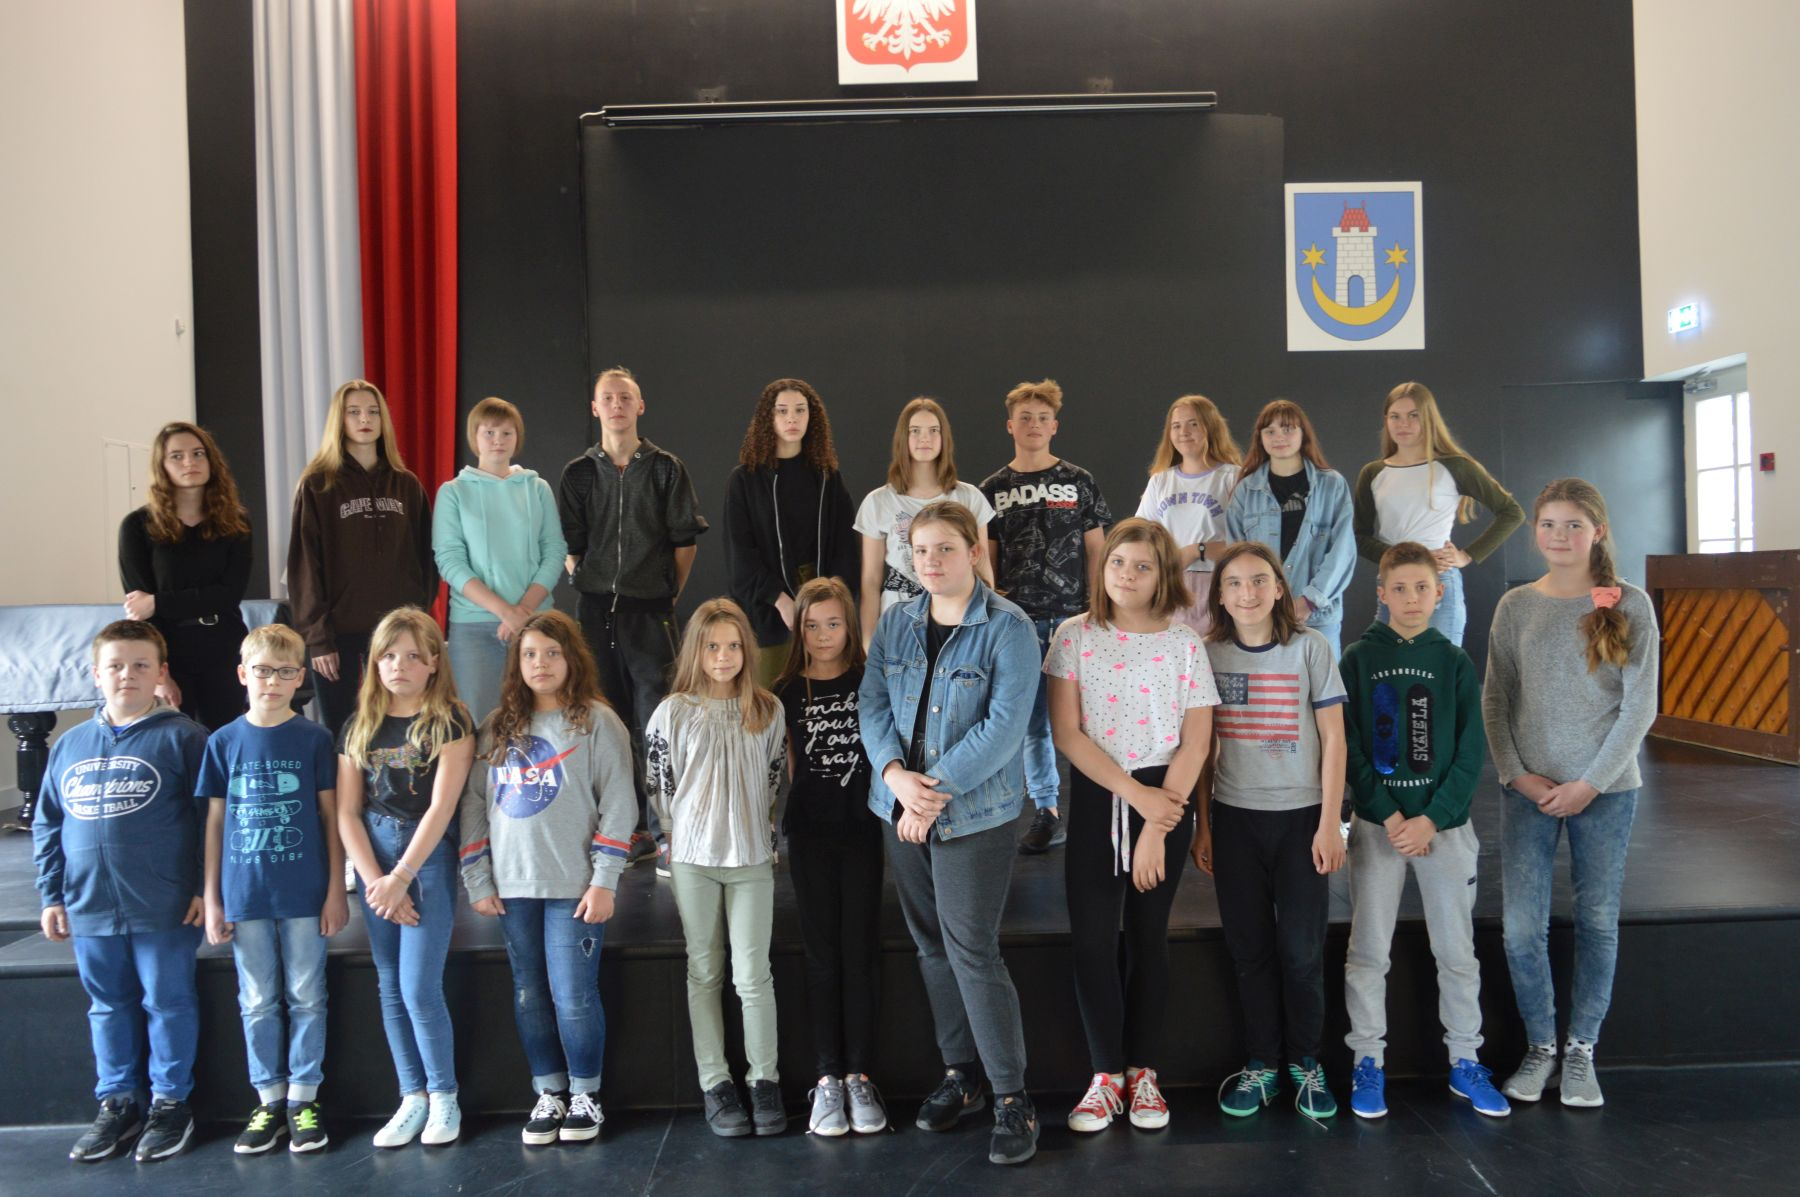 Szkolny Konkurs oTytuł Mistrza iWicemistrza Ortografii 2019